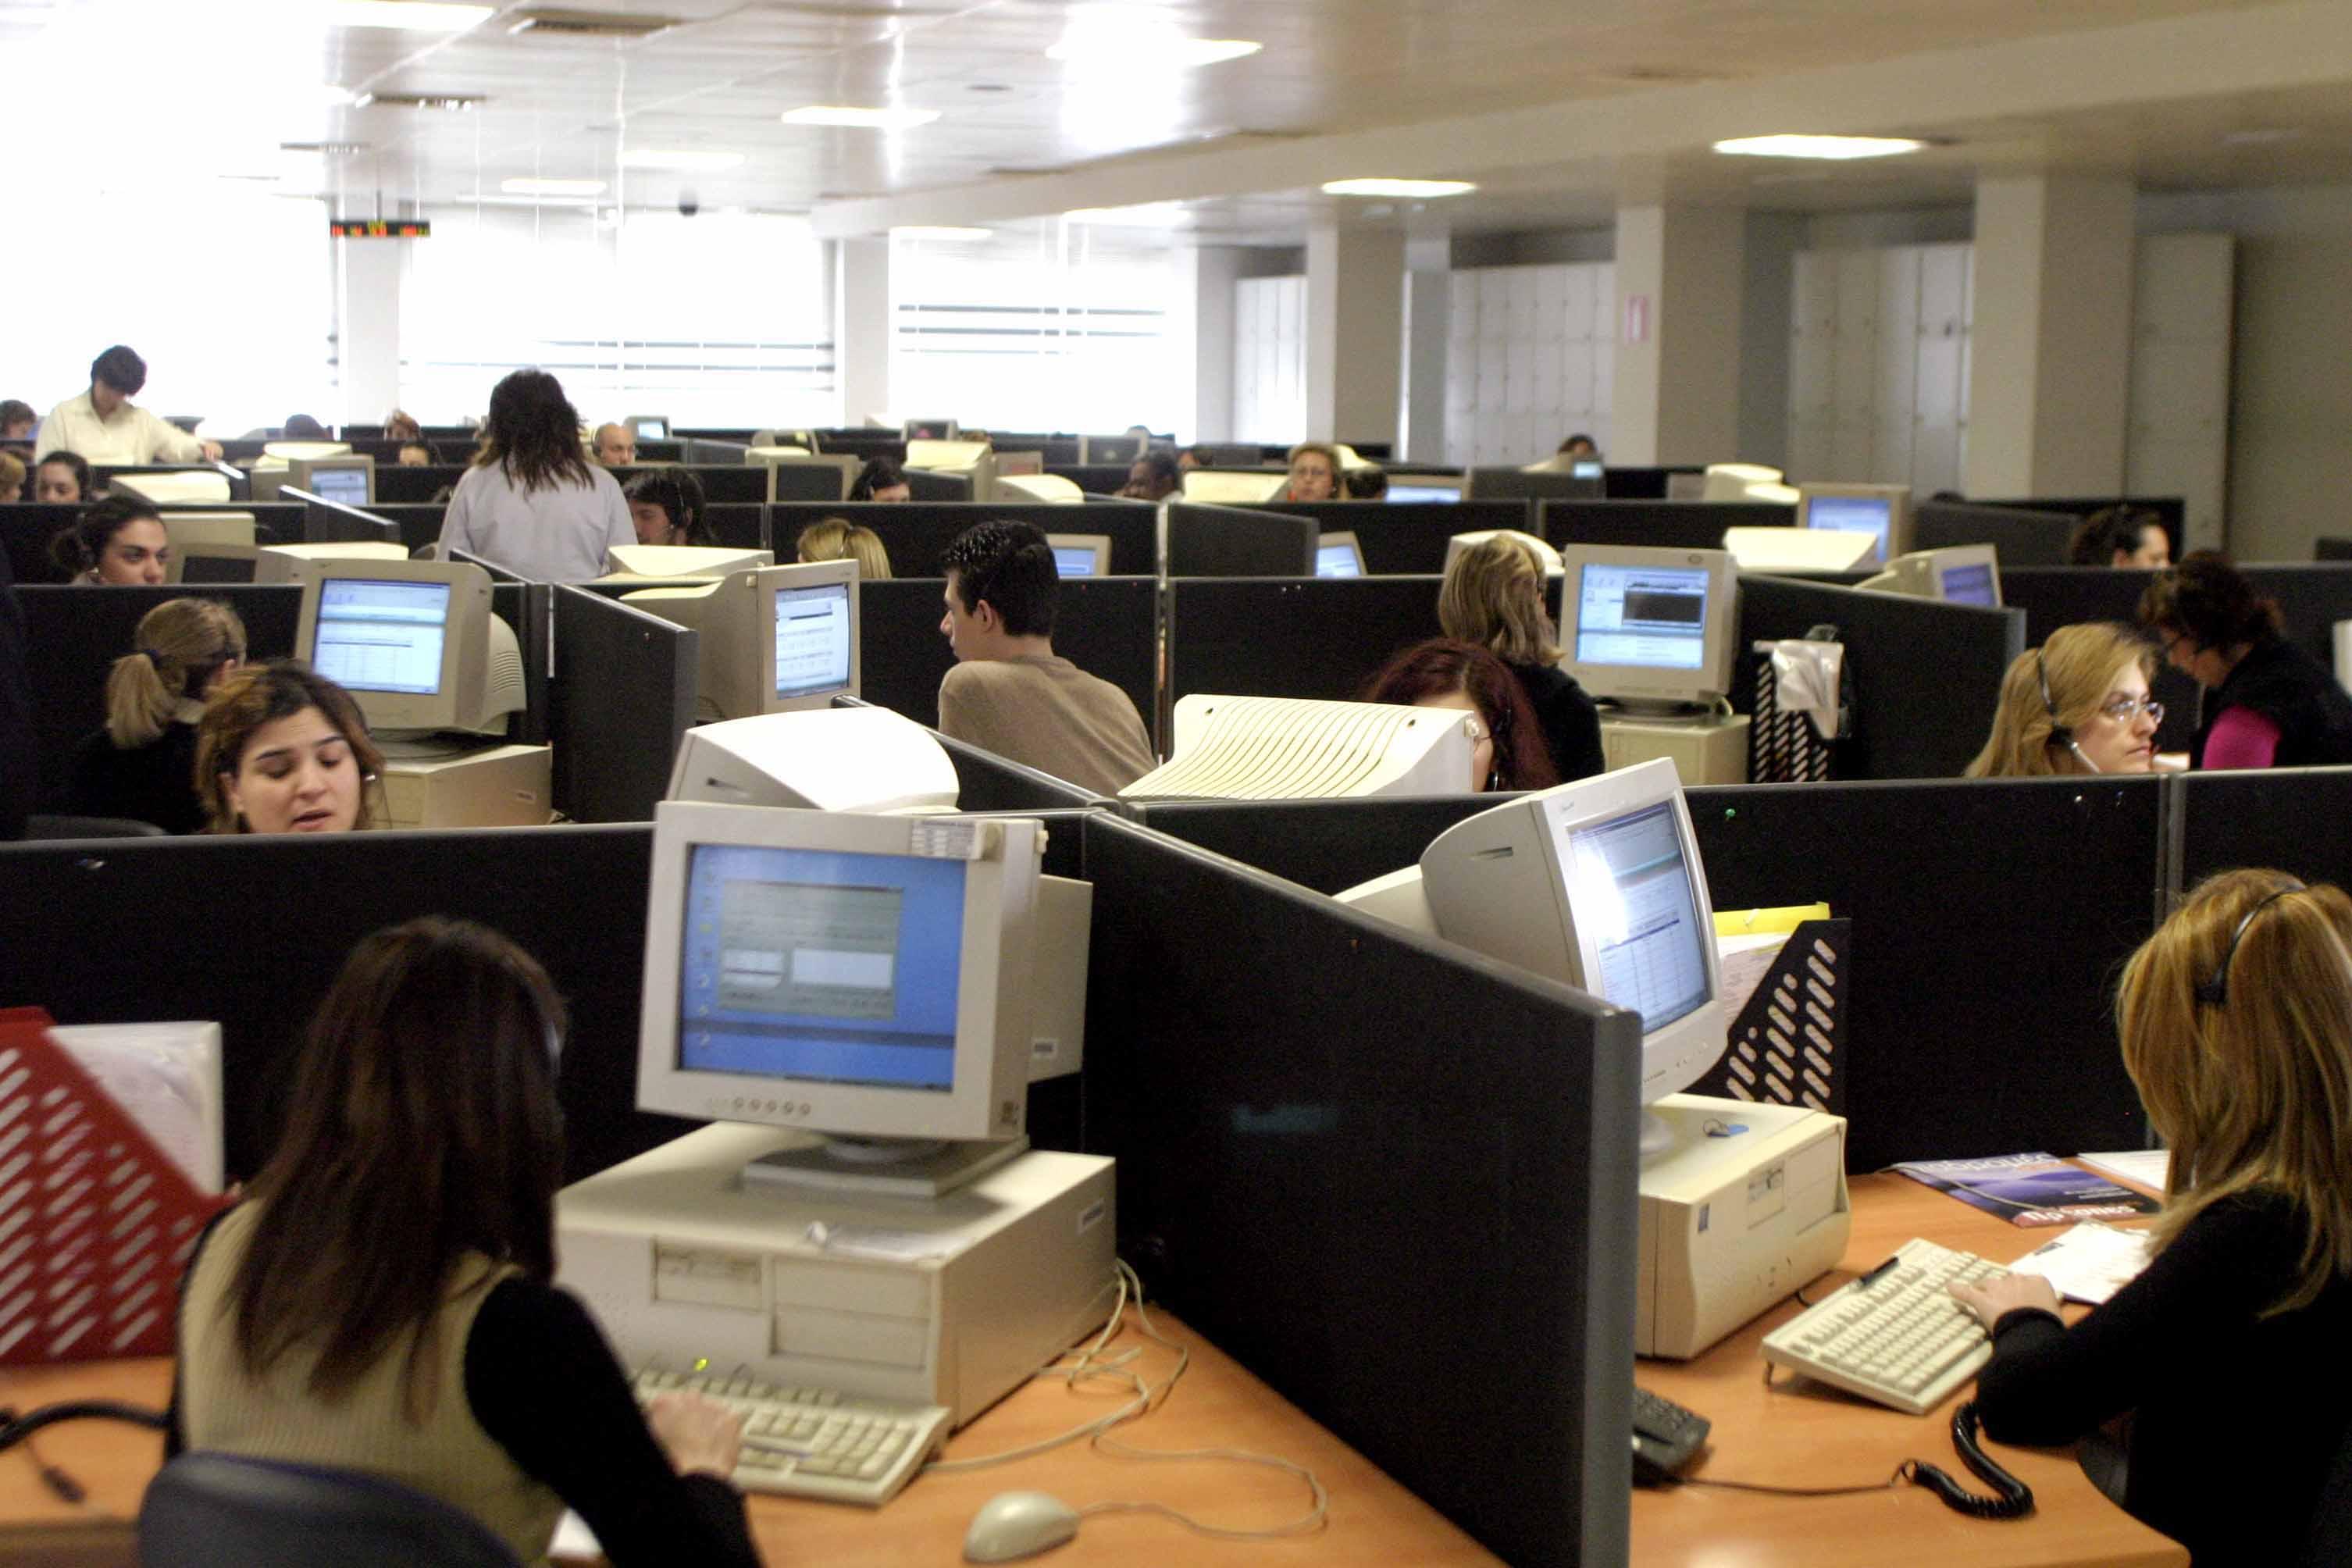 Ερώτηση: Και πόσοι εργαζόμενοι απασχολούνται στην επιχείρησή σας